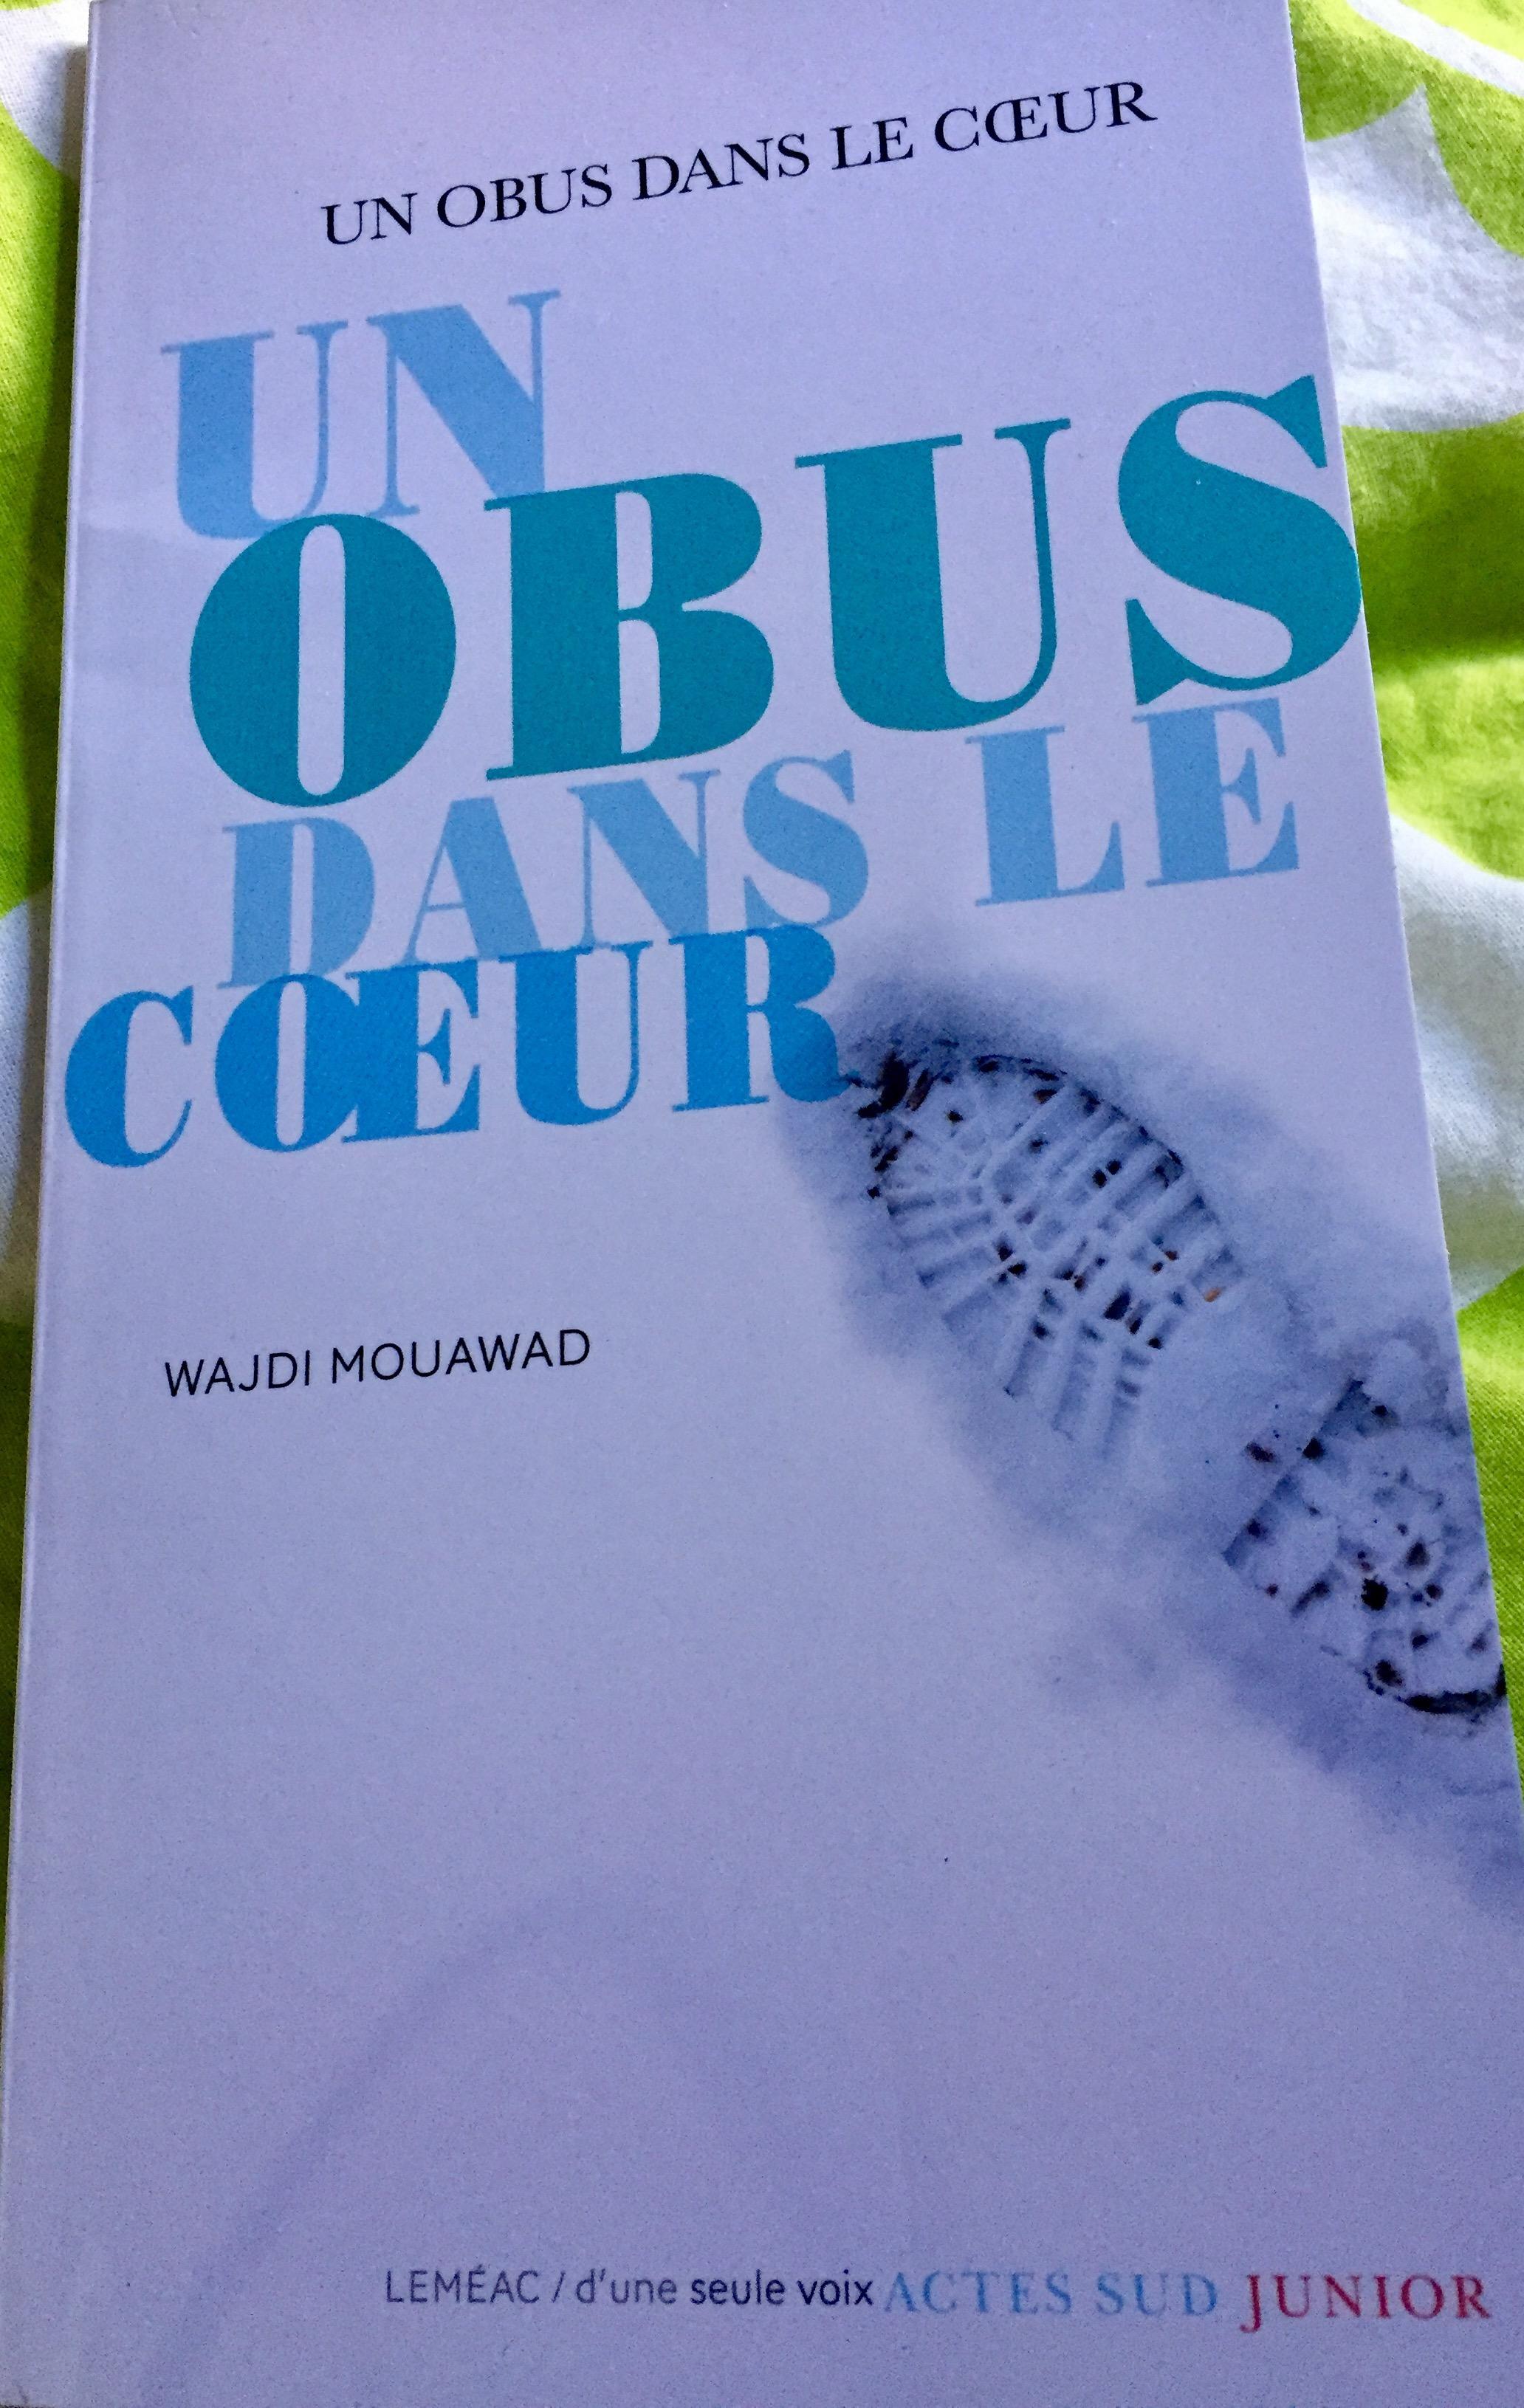 Un Obus Dans Le Coeur : coeur, Premières, Lignes, Coeur,, Wajdi, Mouawad,, Leméac/d'une, Seule, Actes, Junior, Camellia, Burows